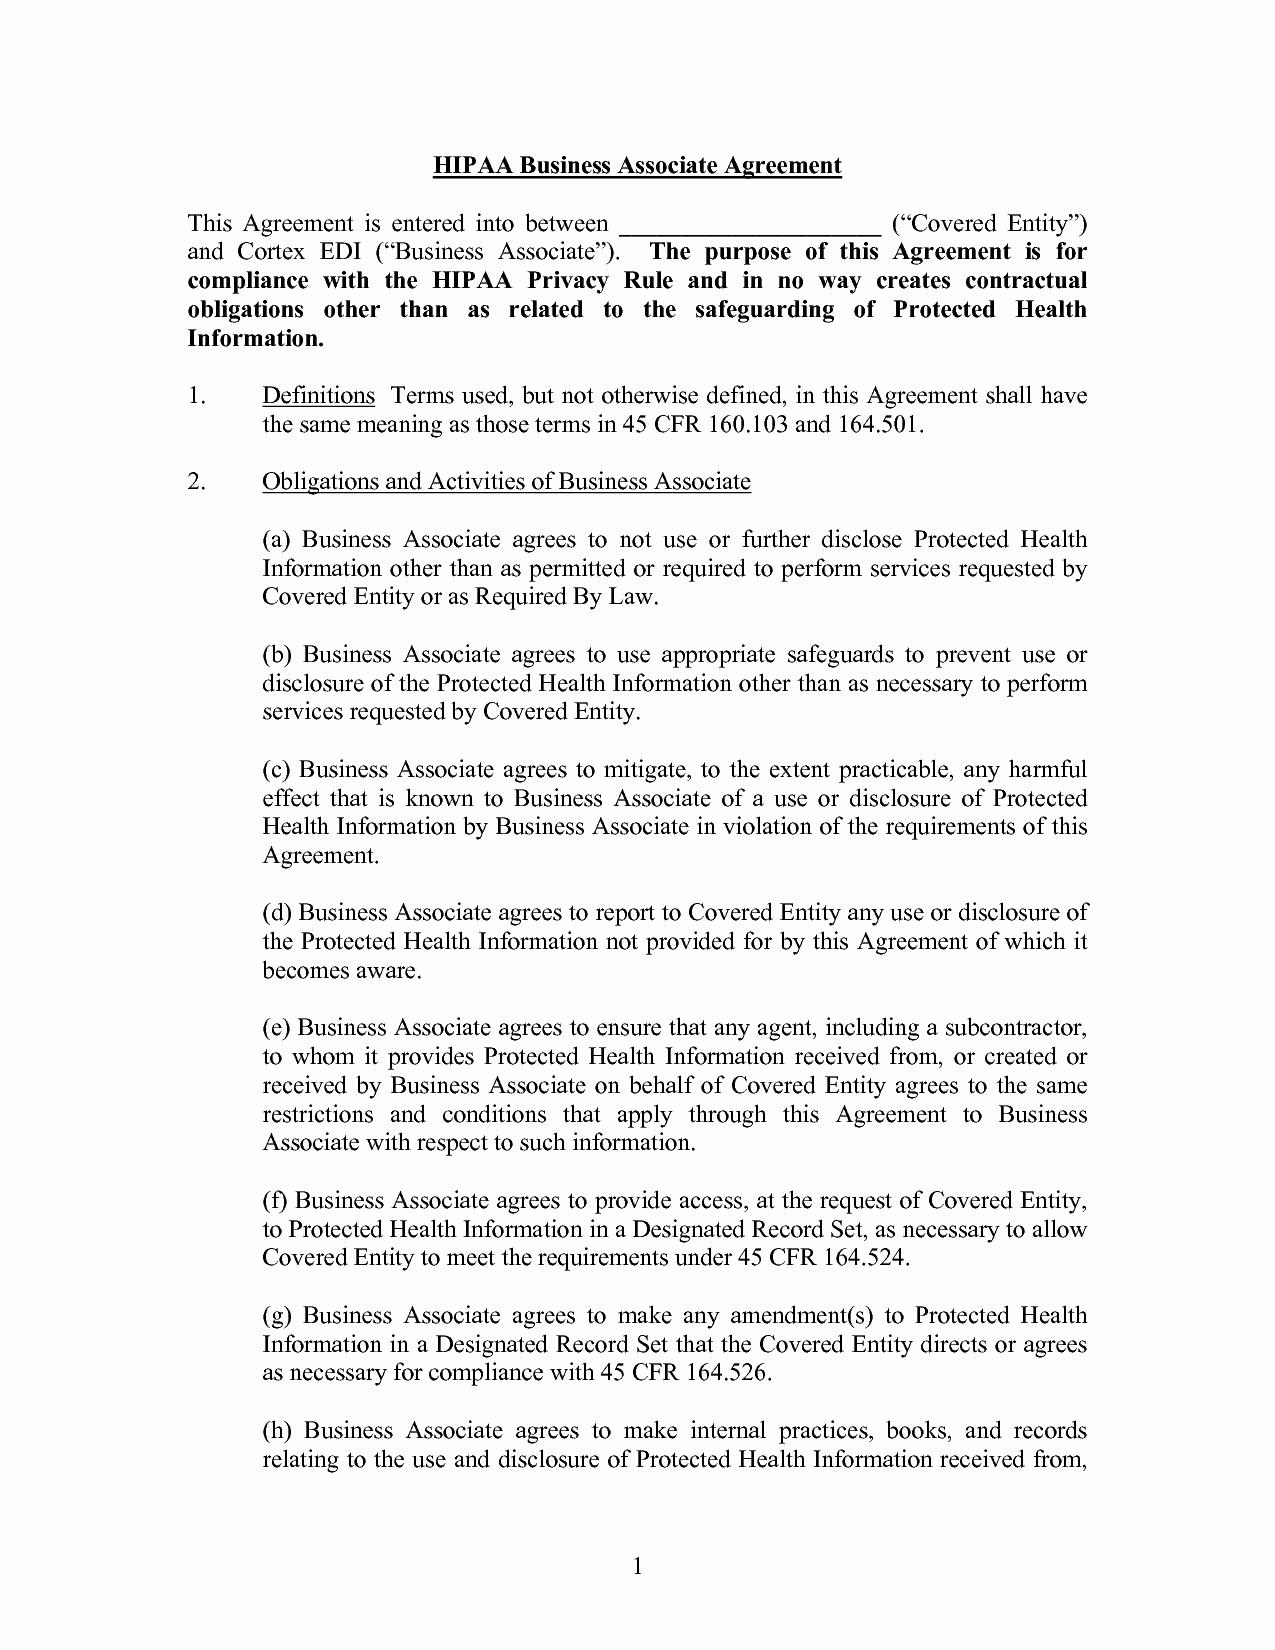 Then Free Hipaa Business Associate Agreement Form – Guiaubuntupt In Business Associate Agreement Hipaa Template